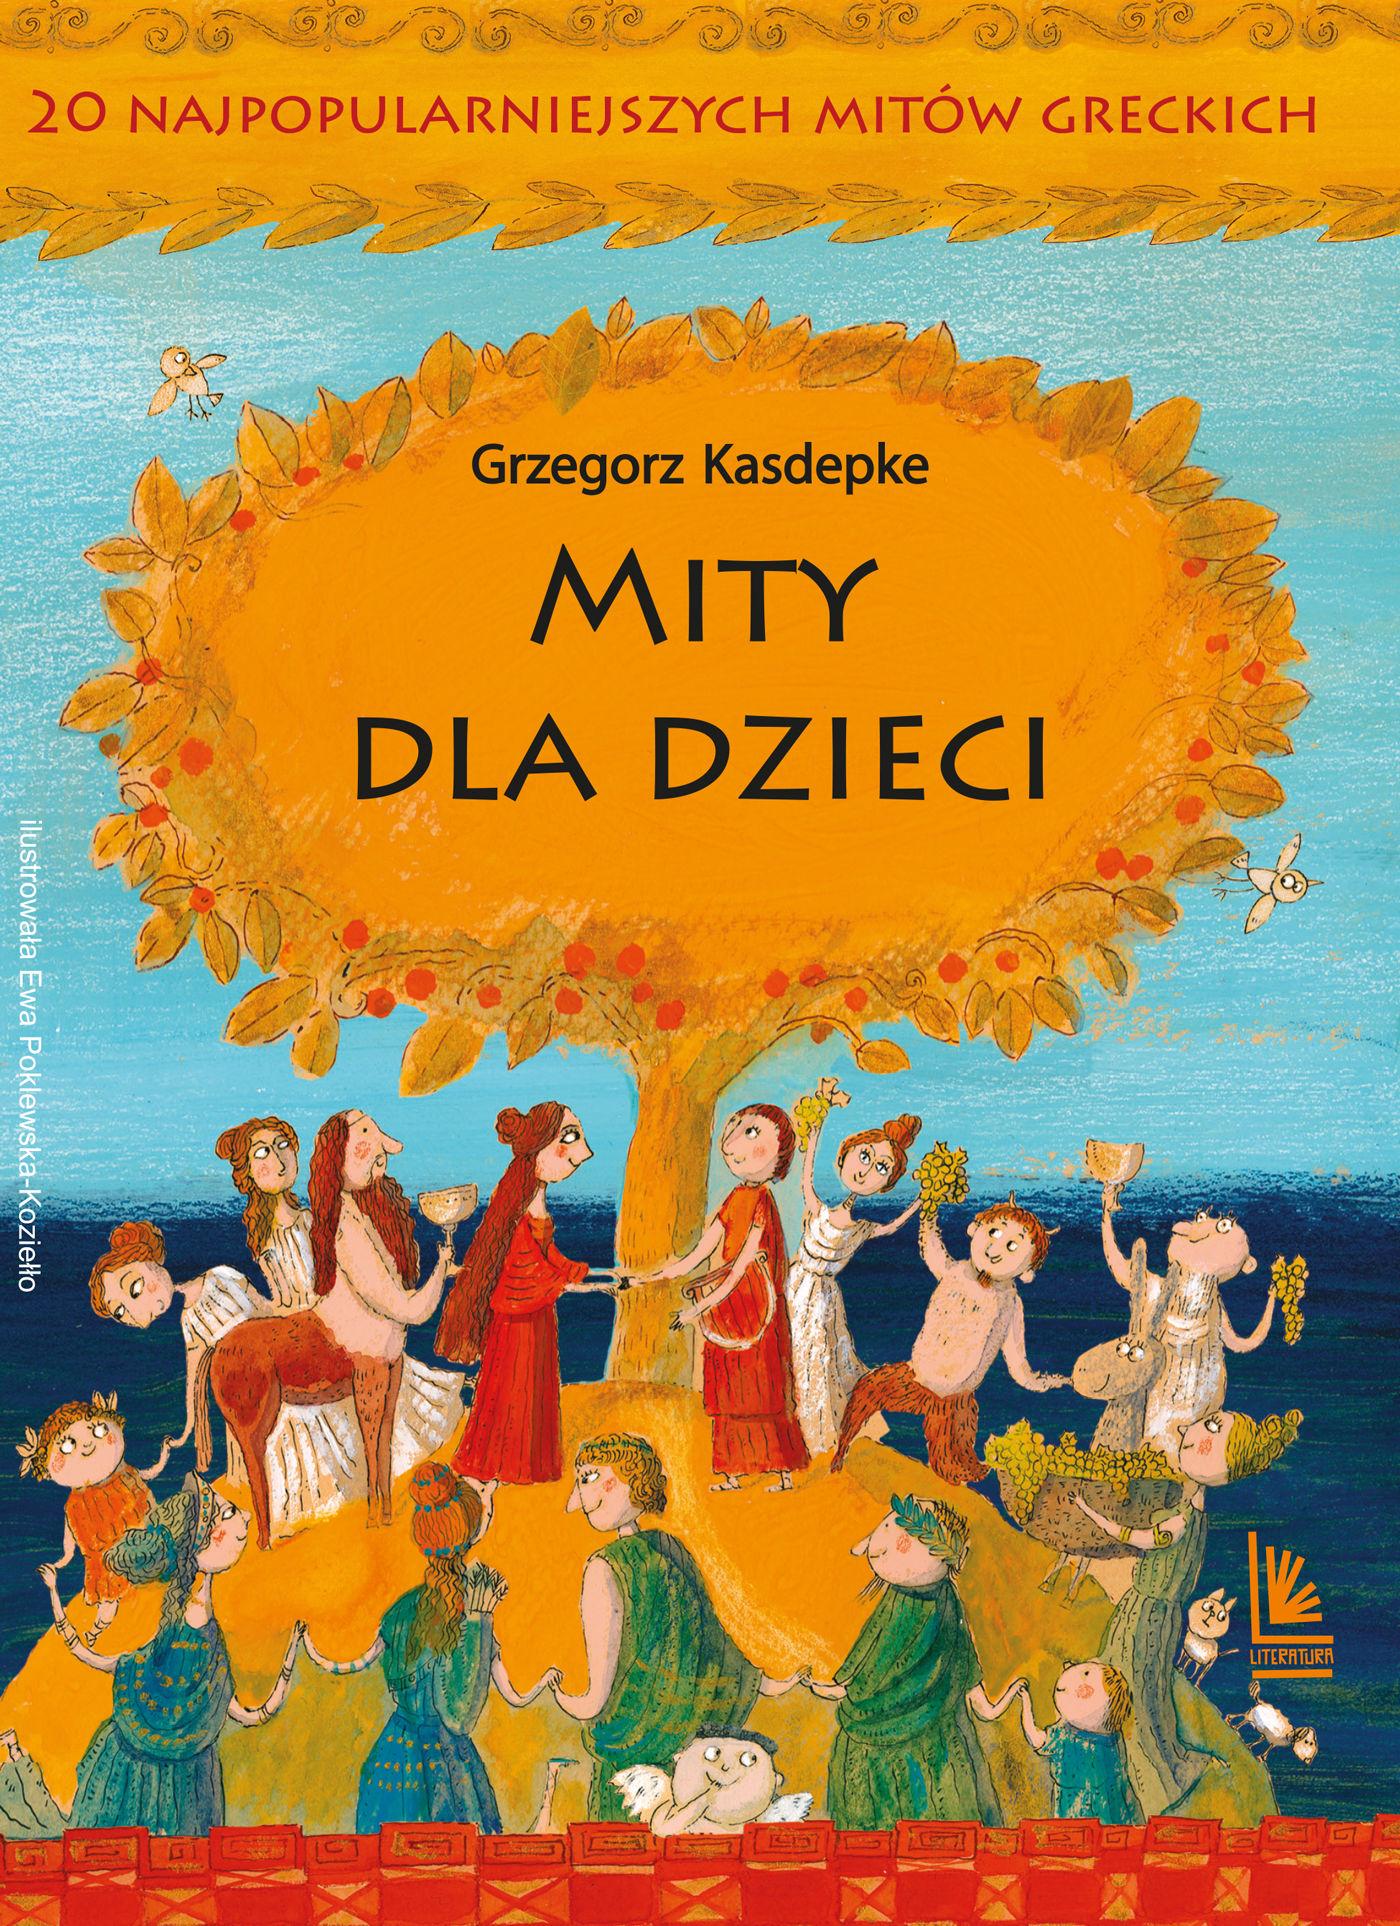 Mity dla dzieci - Grzegorz Kasdepke - ebook